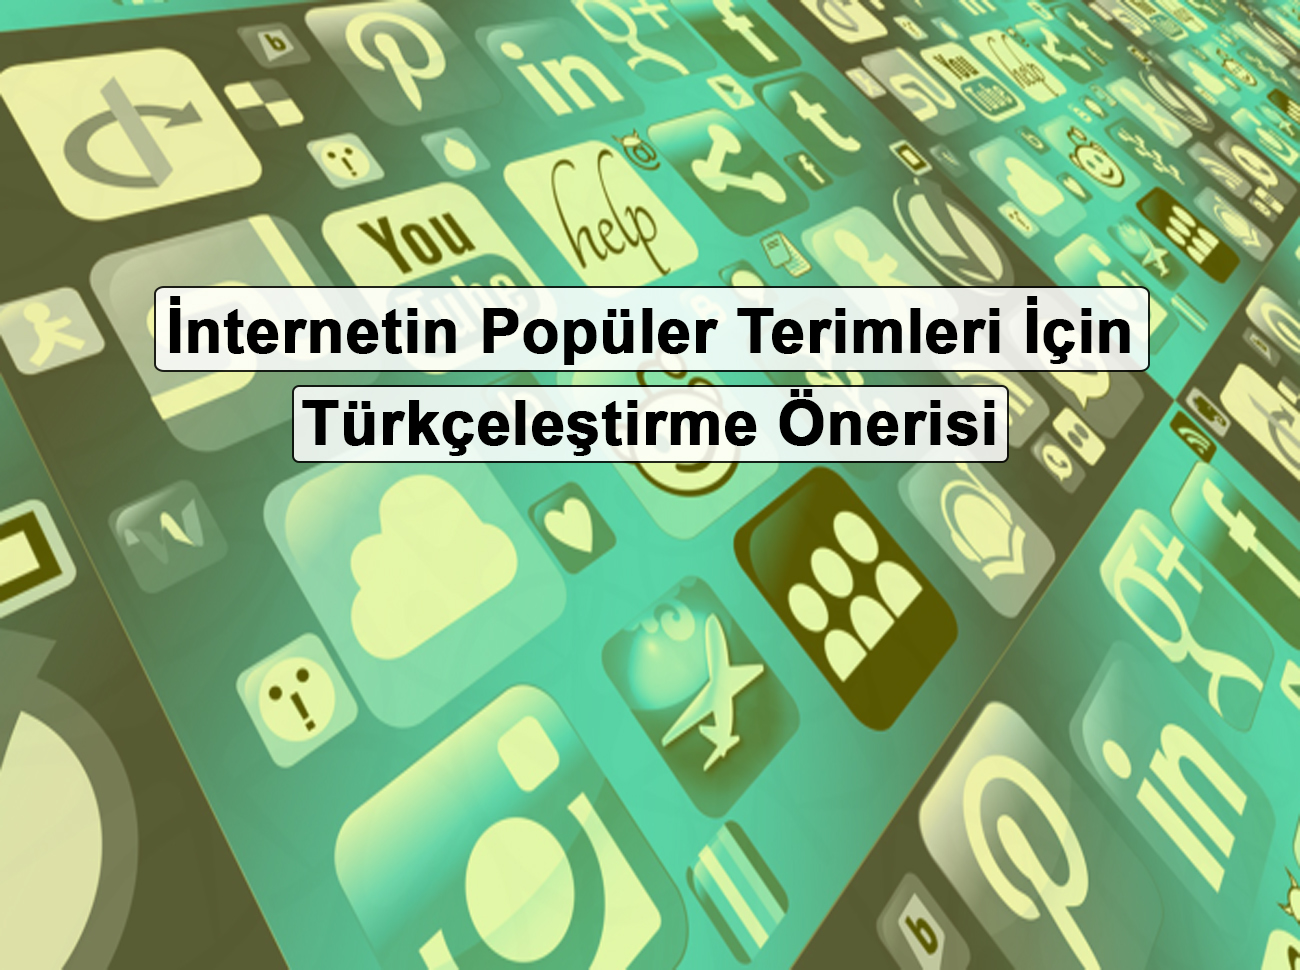 İnternetin Popüler Terimleri Türkçeleştiriliyor